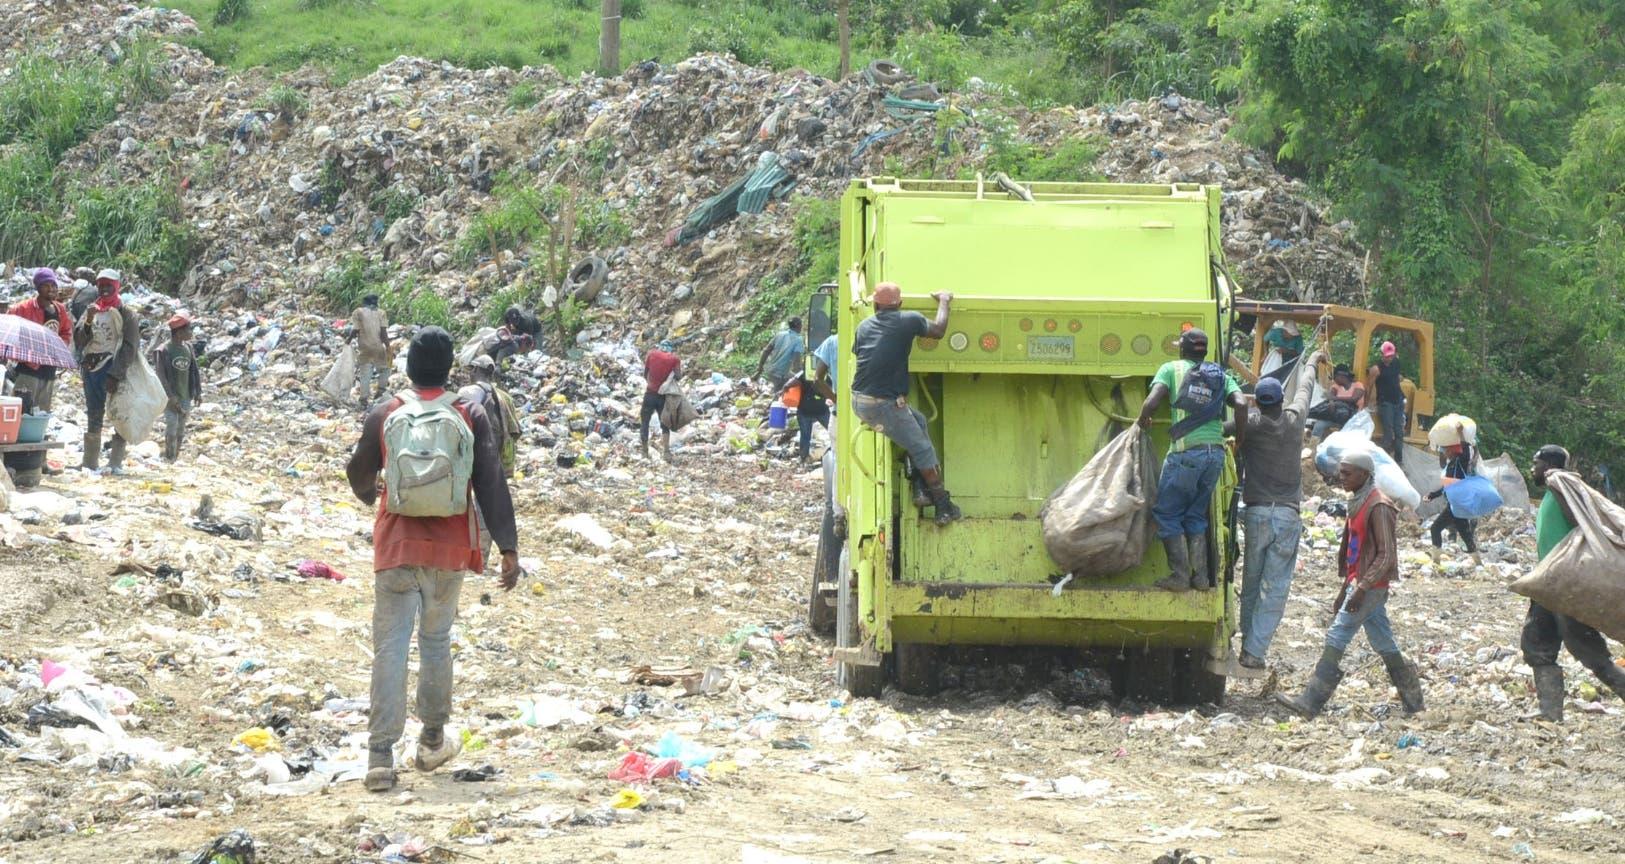 Operaciones en el vertedero se fueron normalizando tras la llegada de camioneros a las instalaciones, luego sentencia del tribunal.